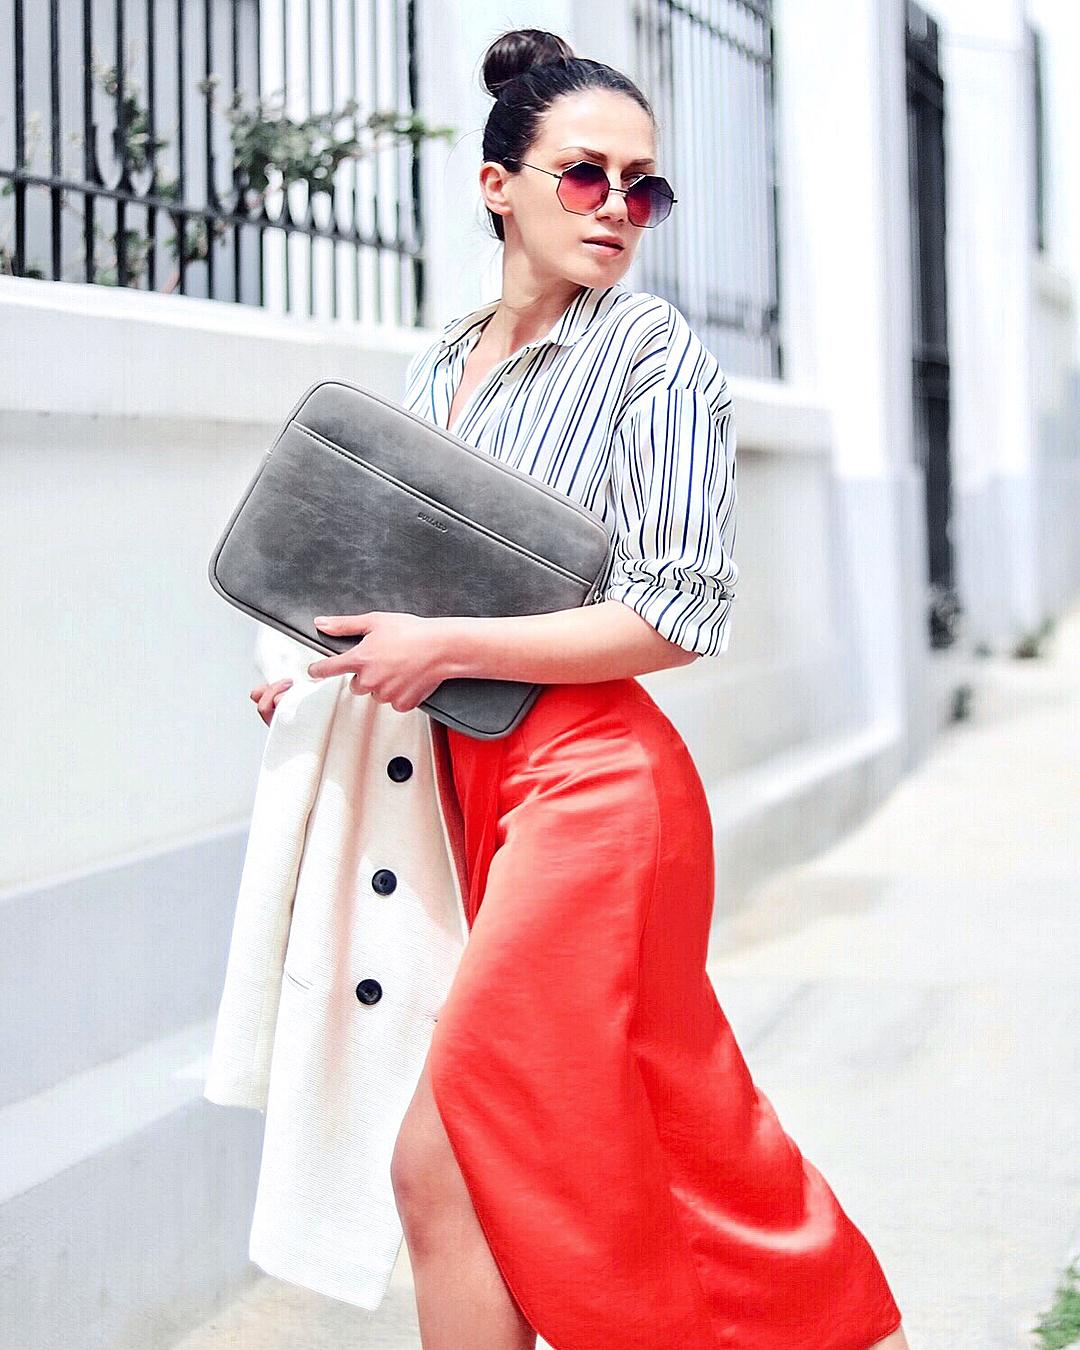 Красная юбка с блузой фото 1